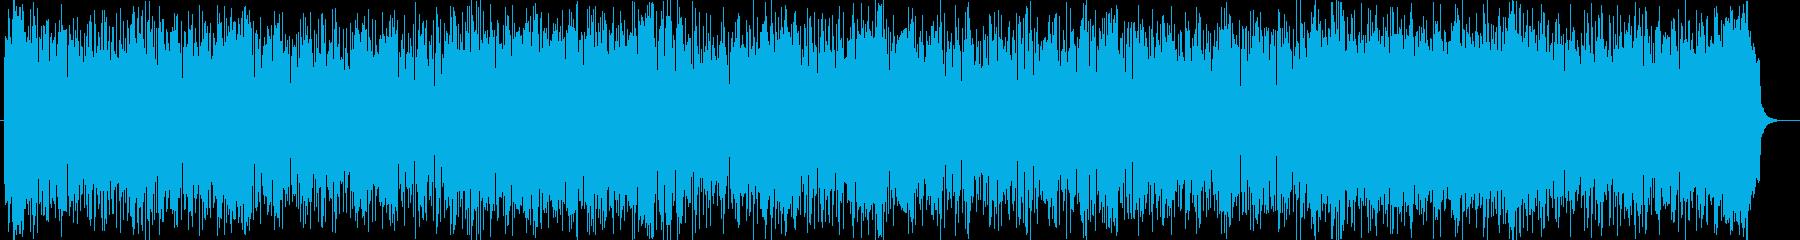 疾走感と躍動感のあるシンセのパワーある曲の再生済みの波形